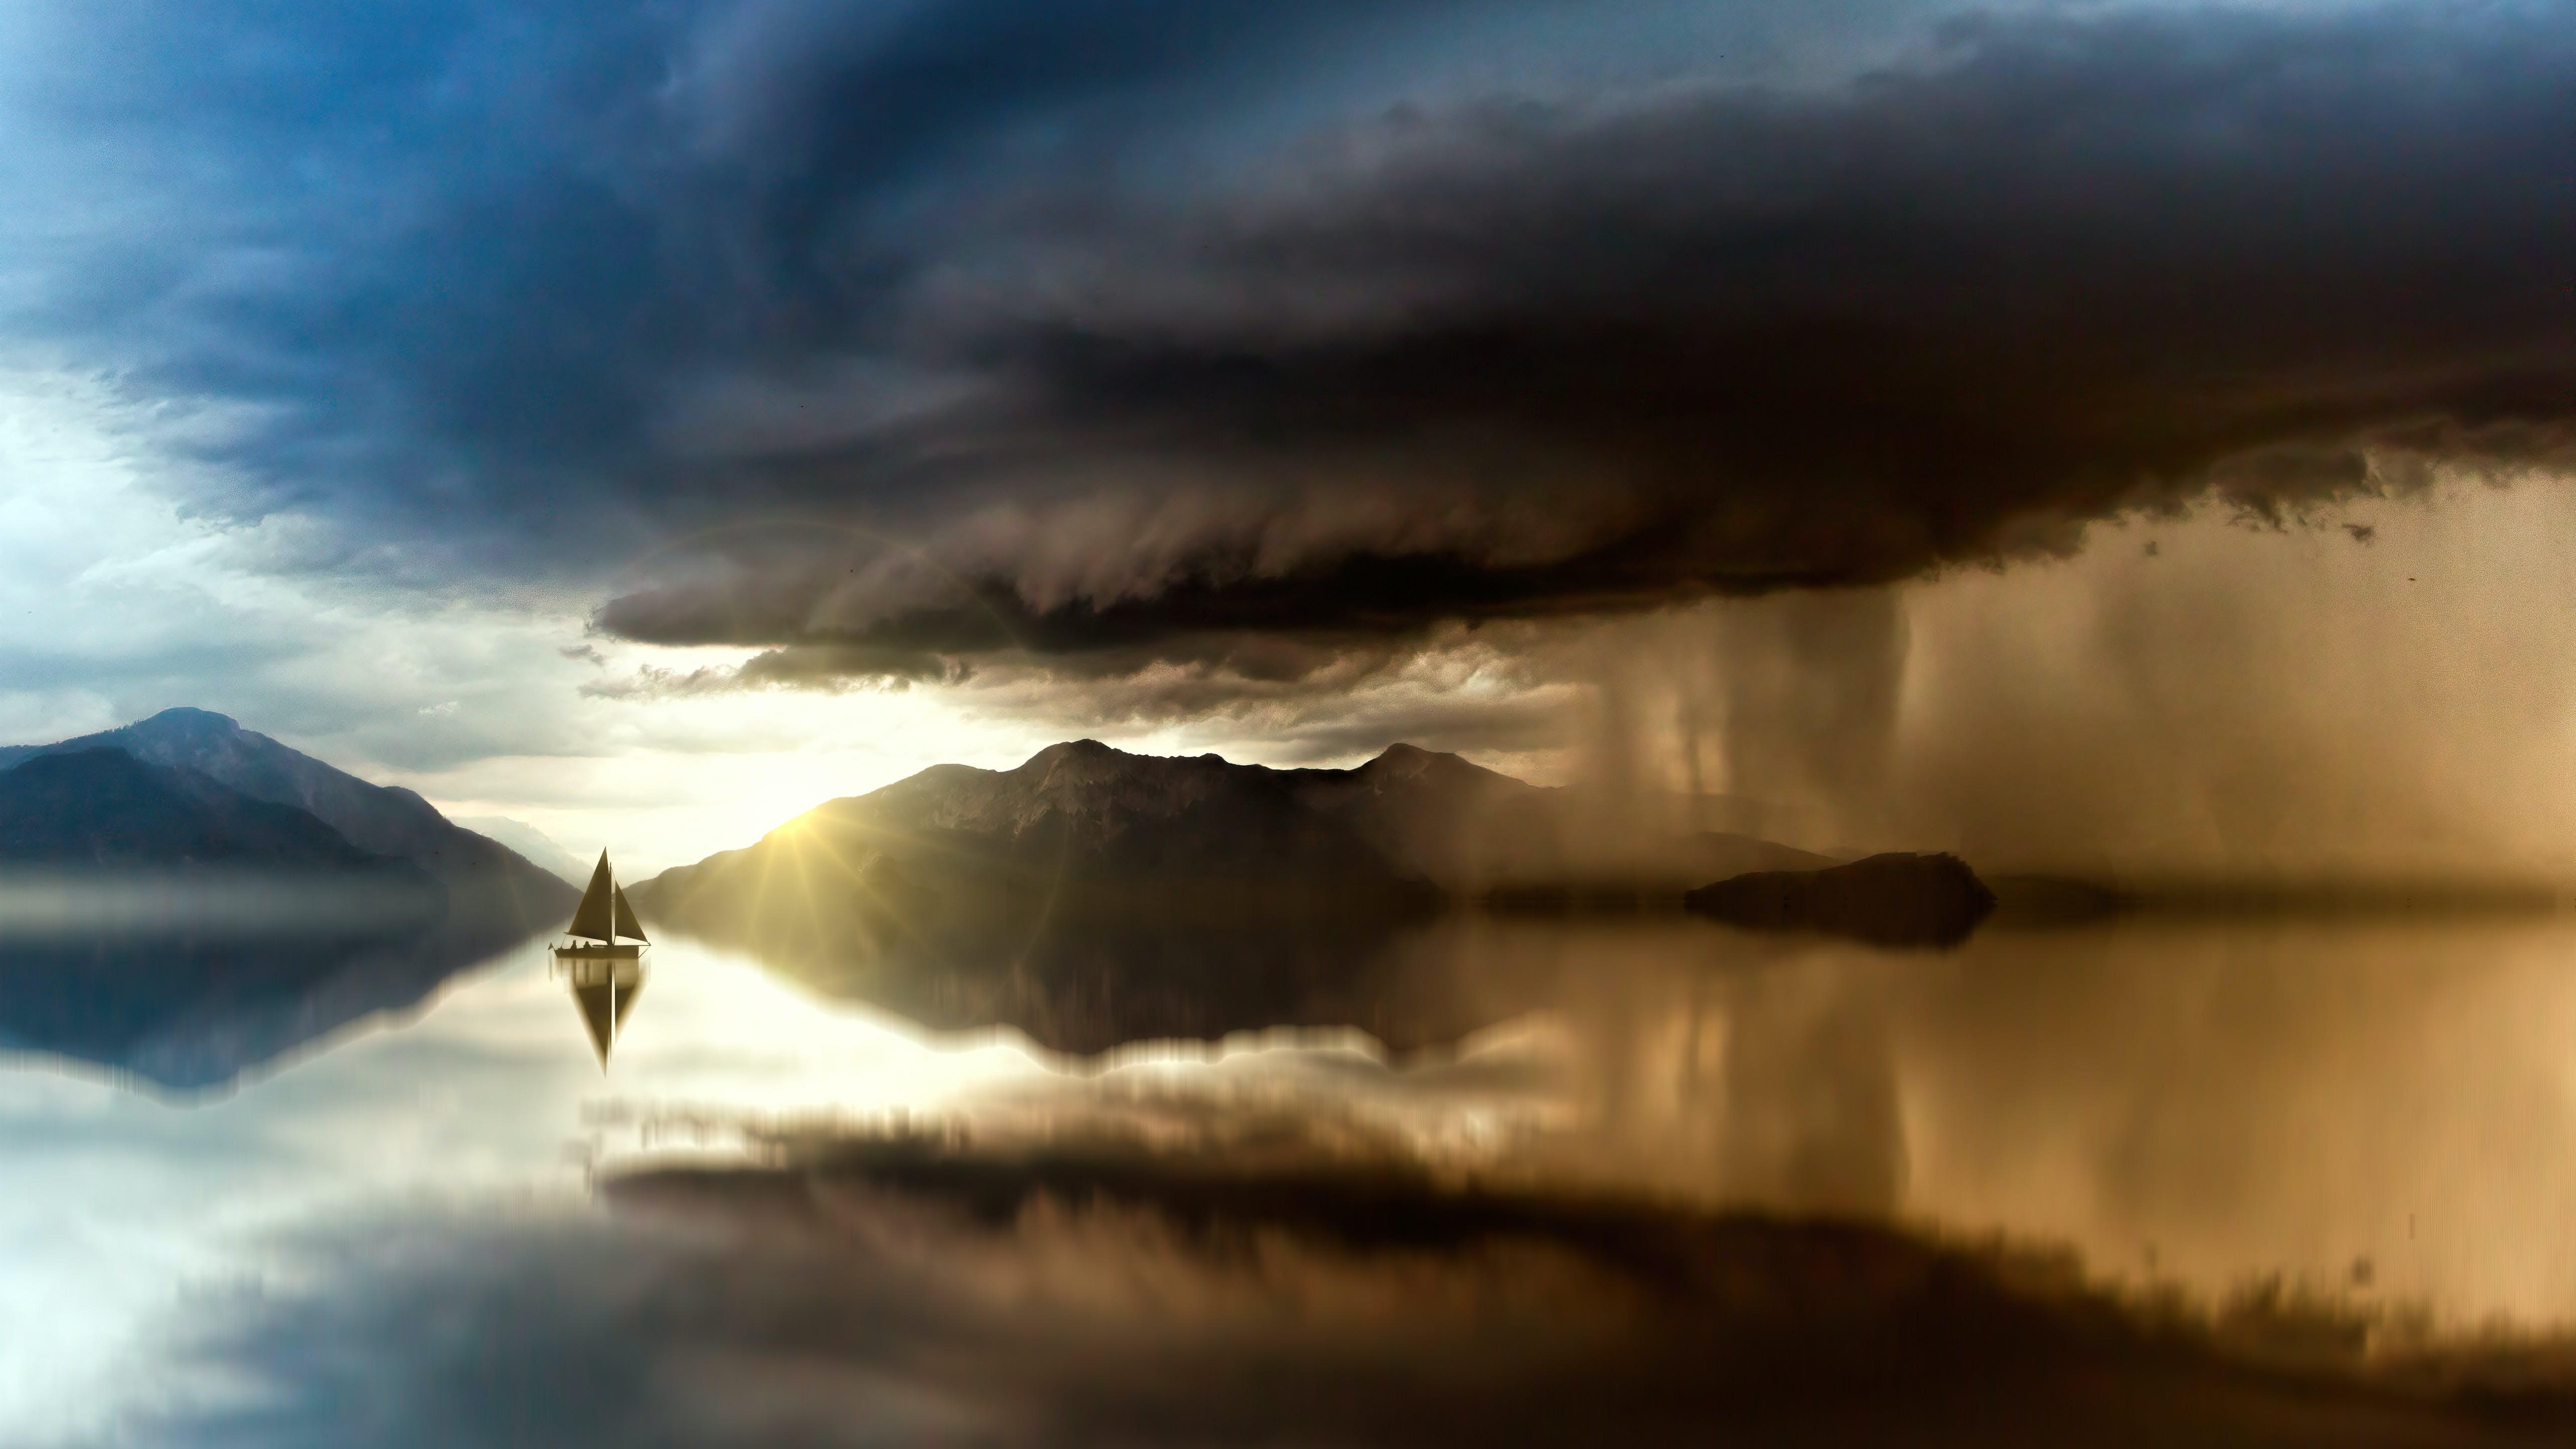 Gratis arkivbilde med båt, daggry, dagslys, fartøy